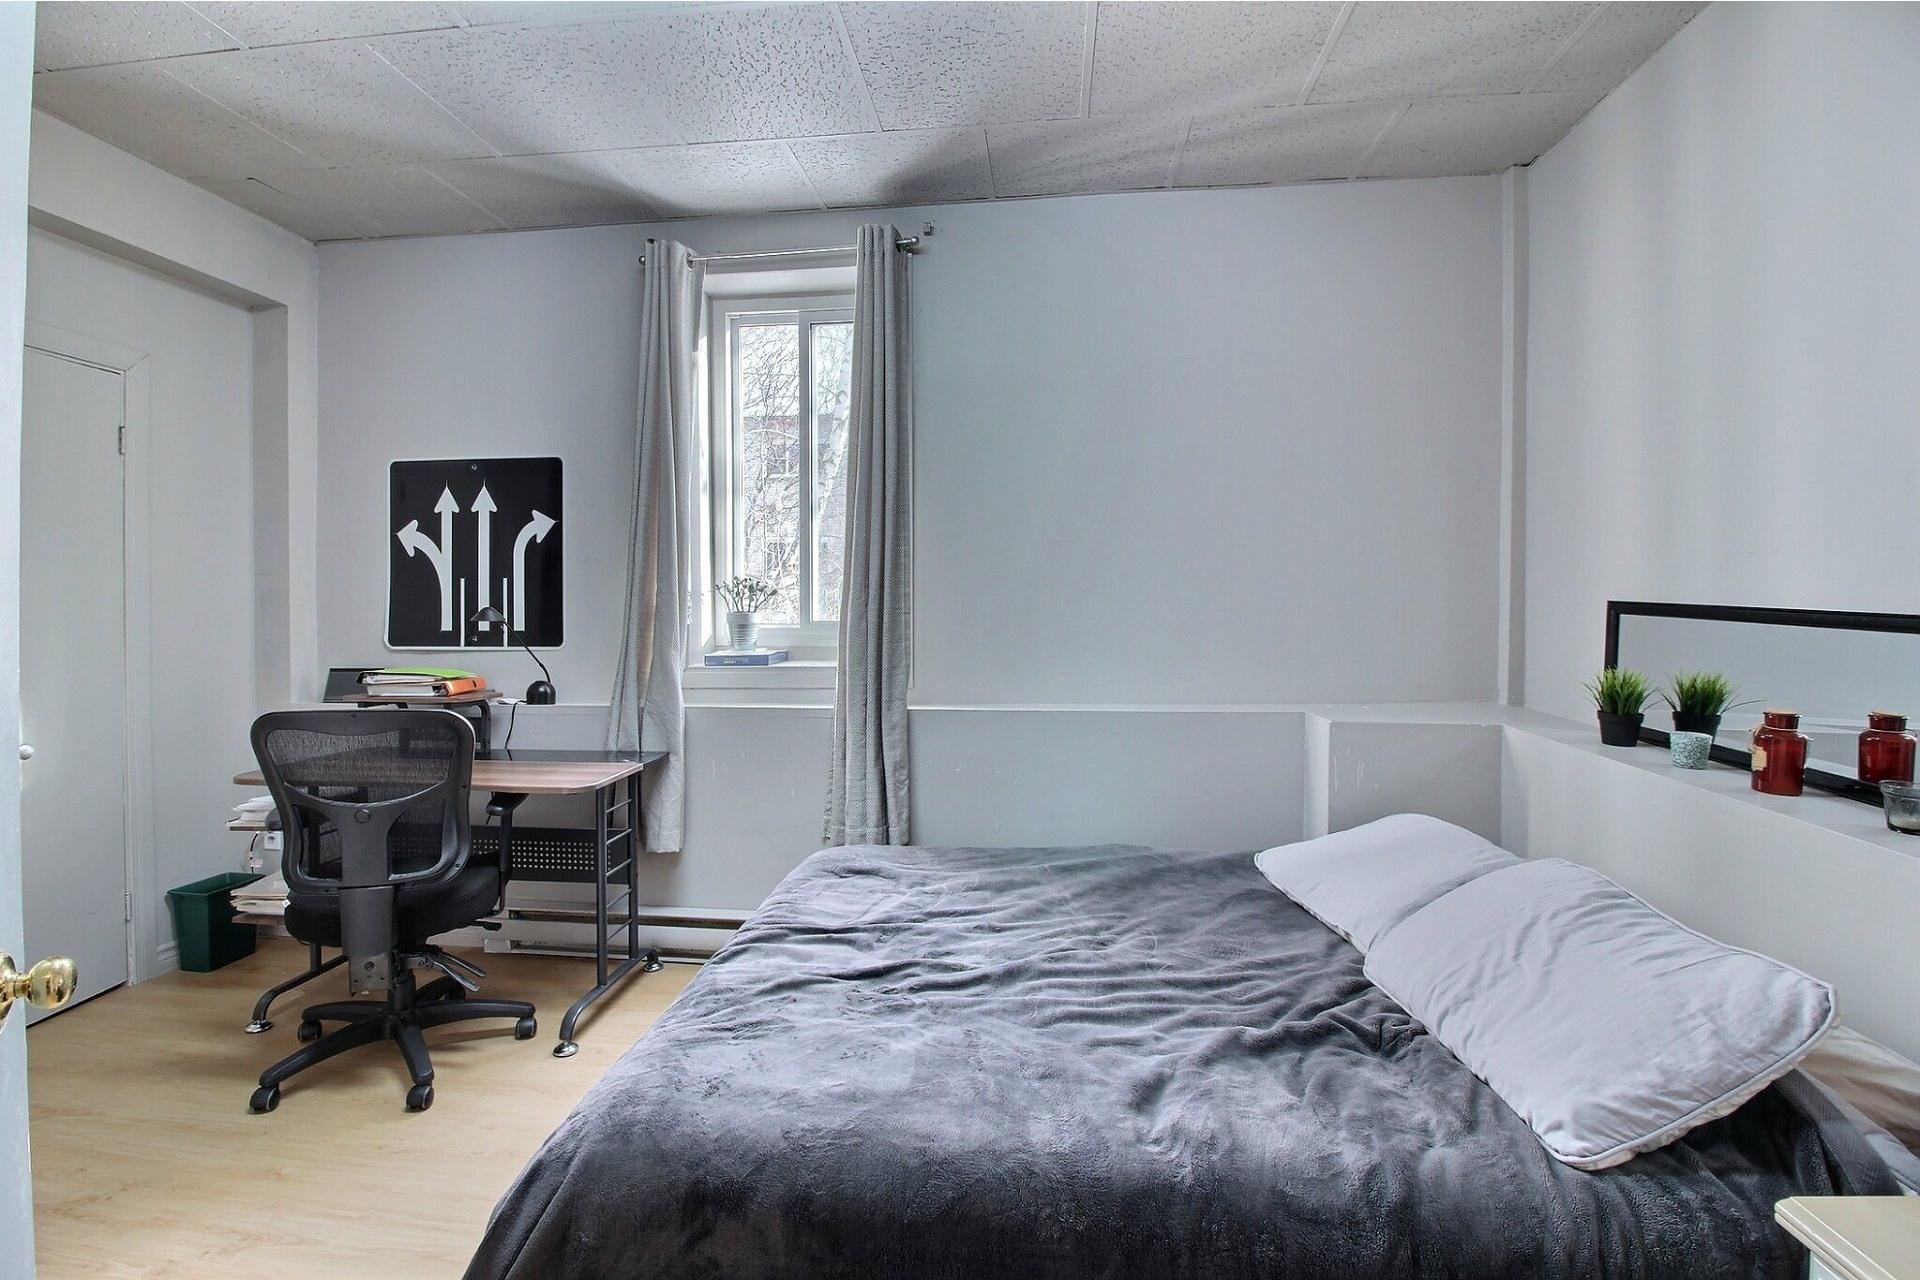 image 6 - Duplex À vendre Fleurimont Sherbrooke  - 4 pièces